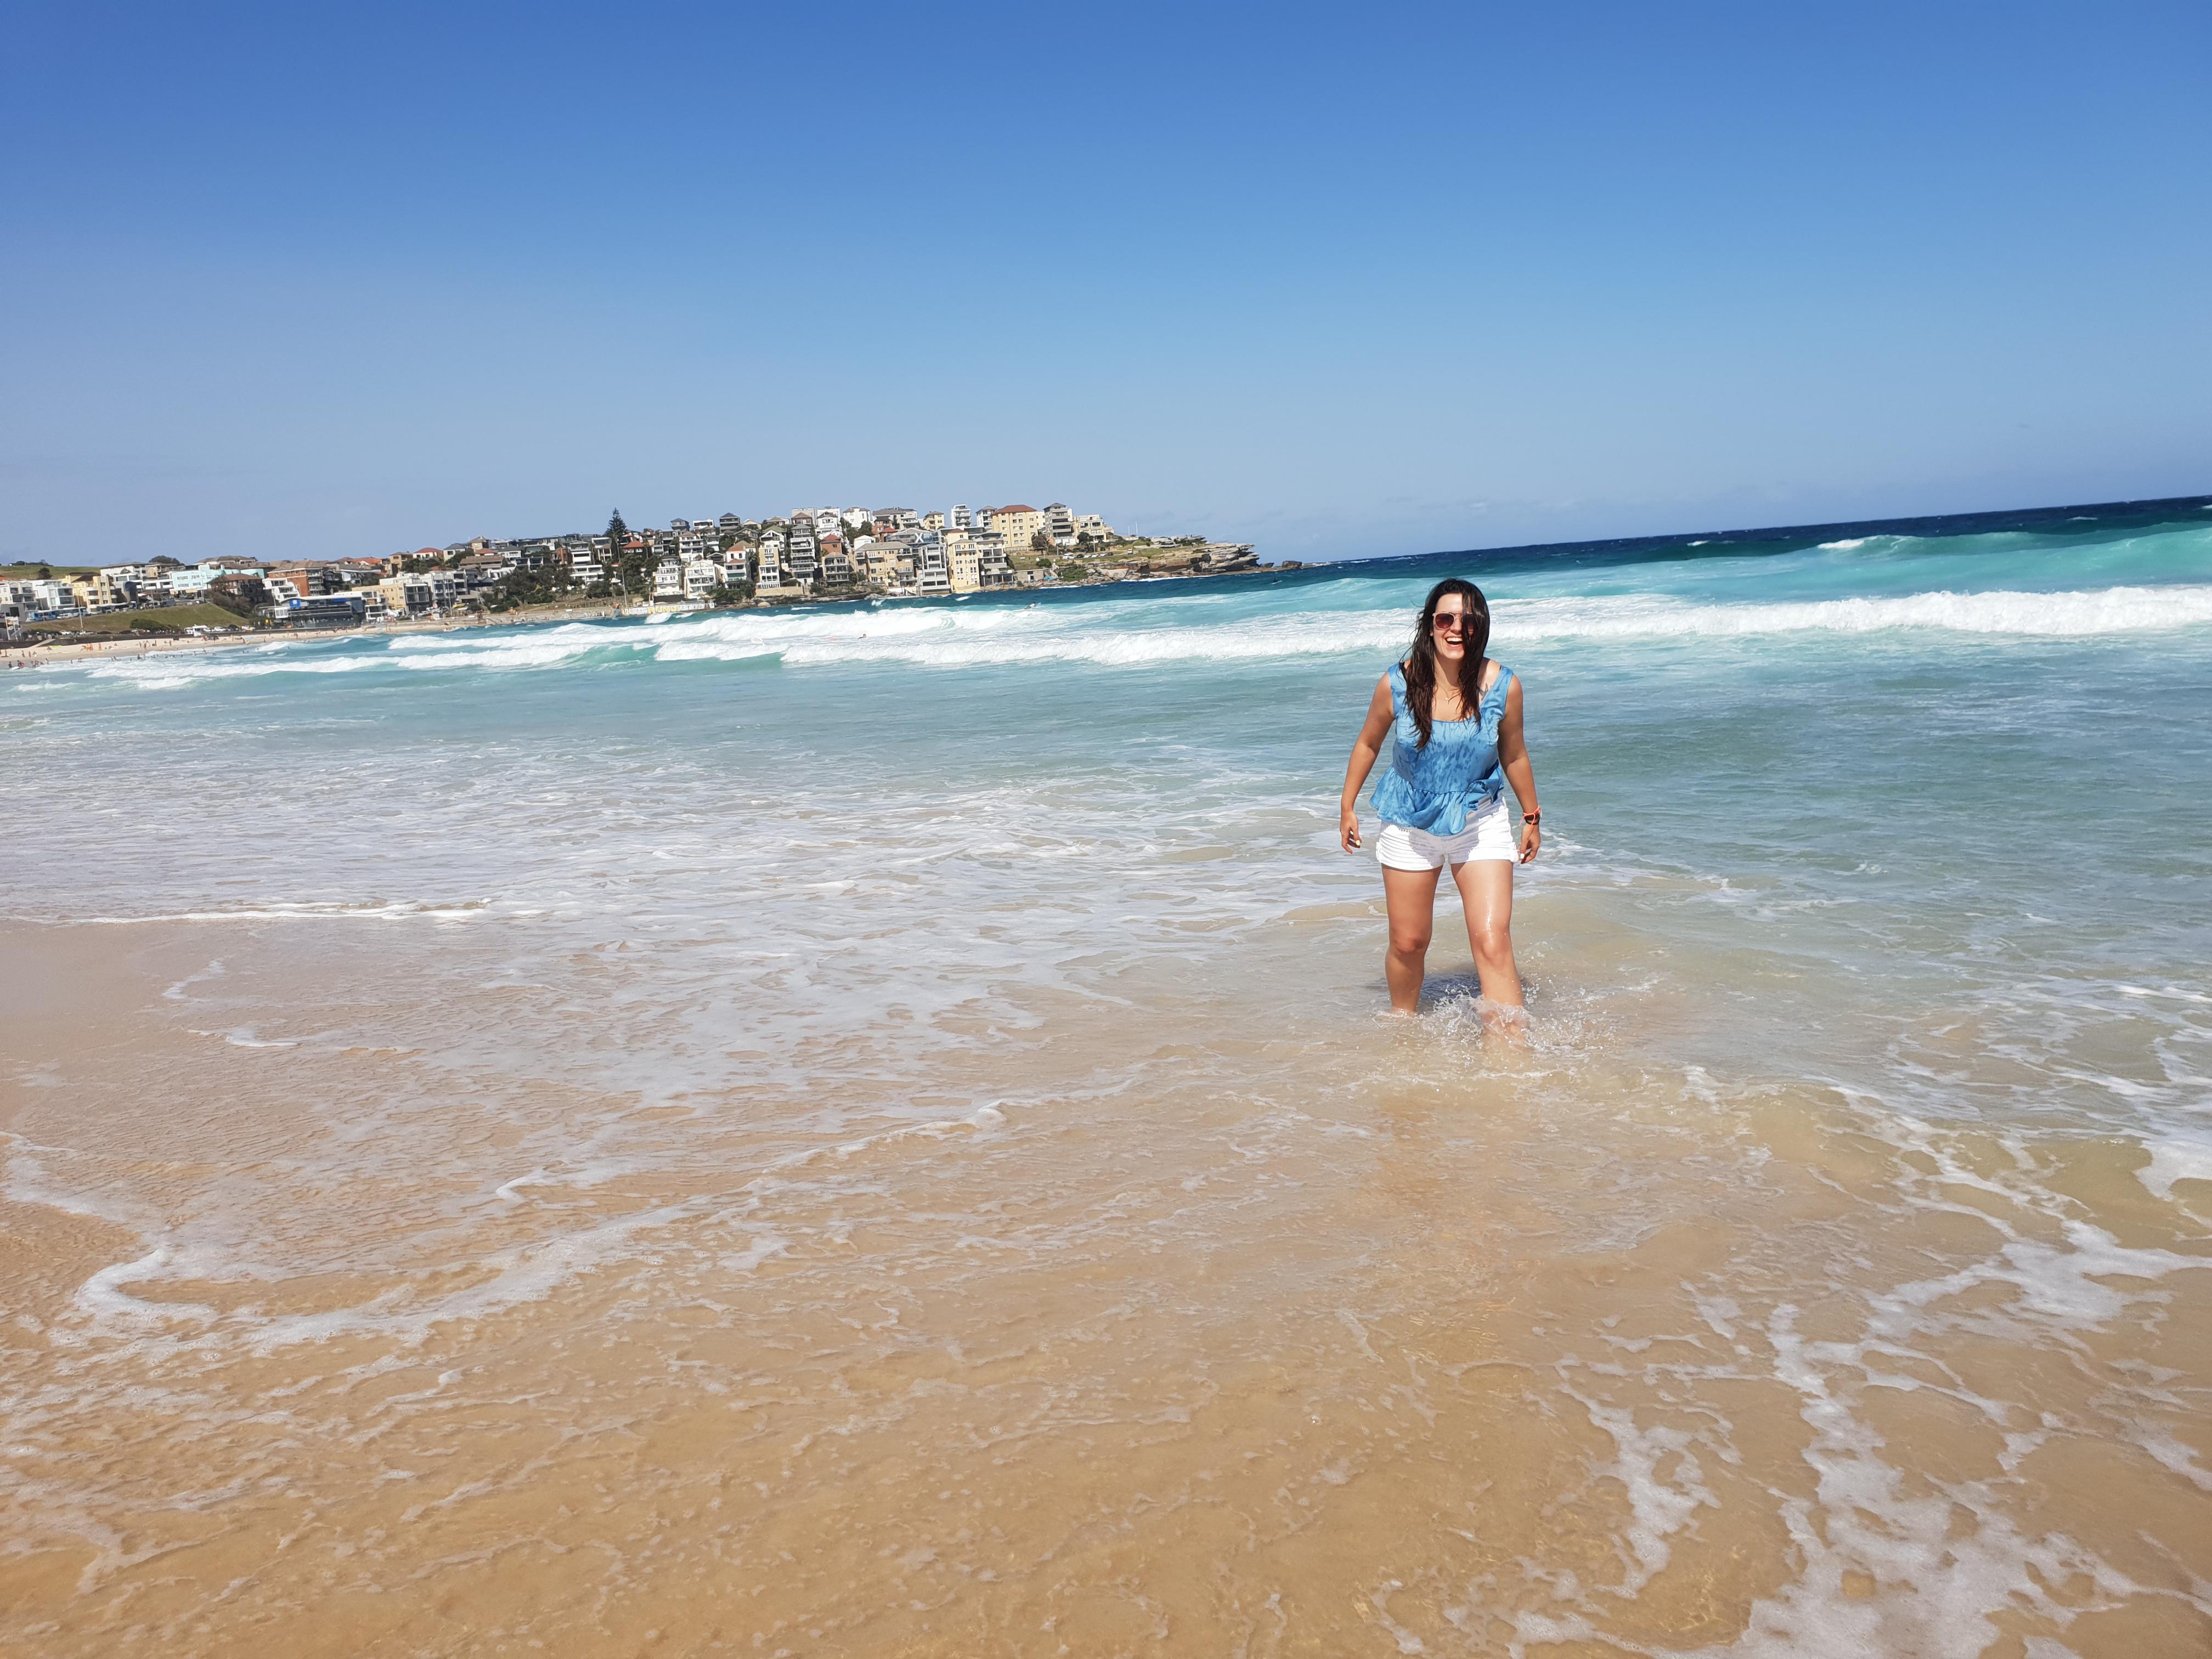 podłączyć miejsca w Sydney brad pitt randkowy